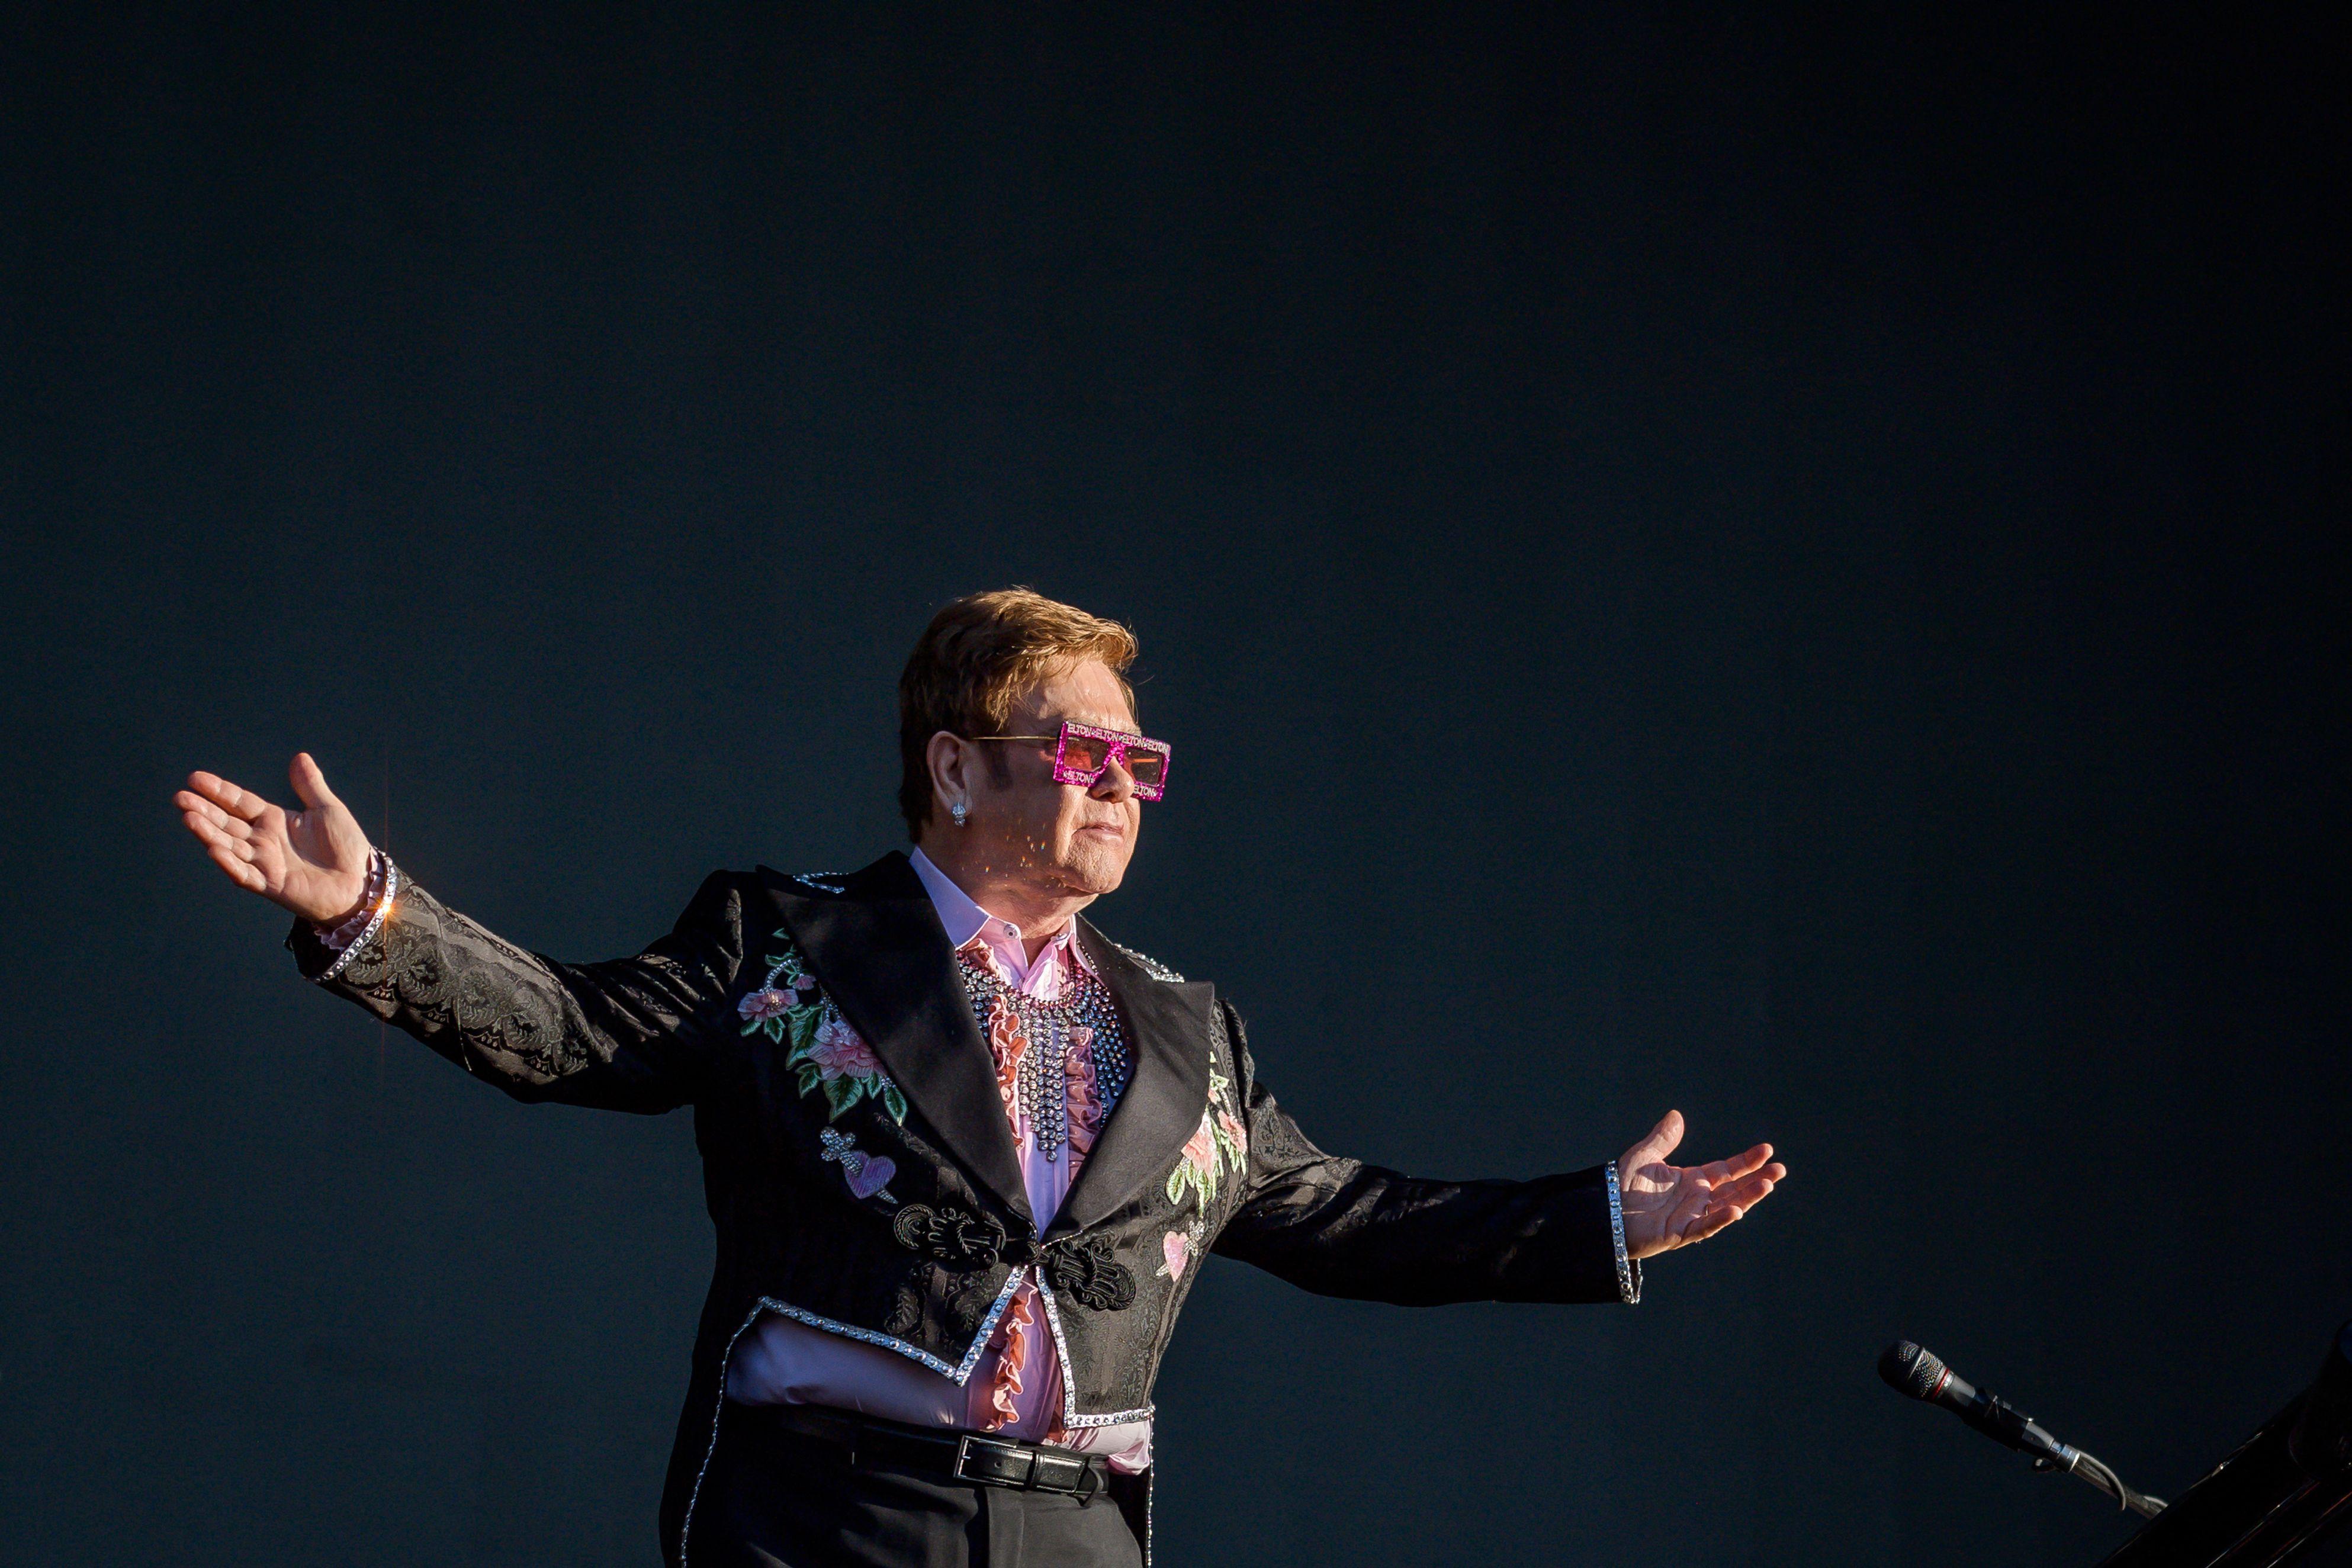 En esta foto de archivo tomada el 29 de junio de 2019, el cantautor británico Elton John realiza su gira Farewell Yellow Brick Road el sábado durante el Festival de Jazz de Montreux en Montreux.